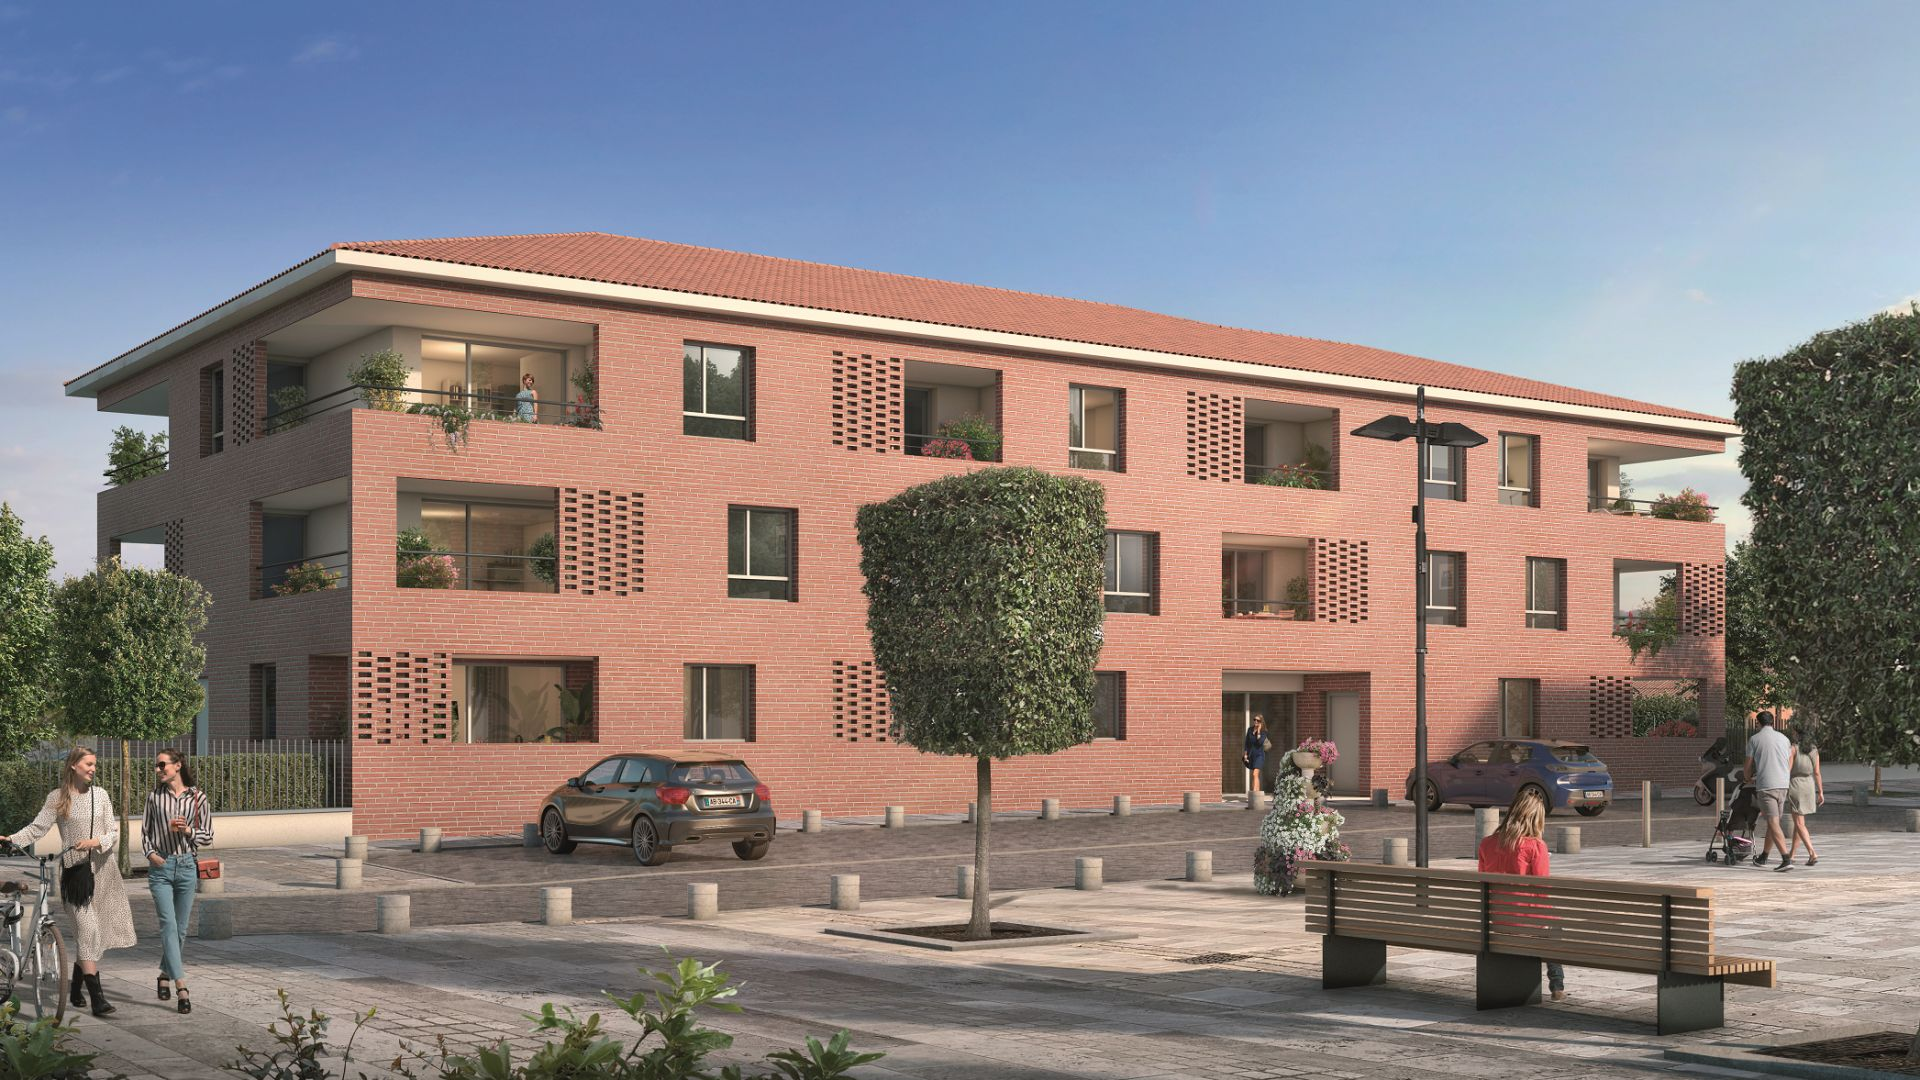 Greencity Immobilier - Le Rialto - achat appartements du T1 bis au T3 - Eaunes - Muret 31600